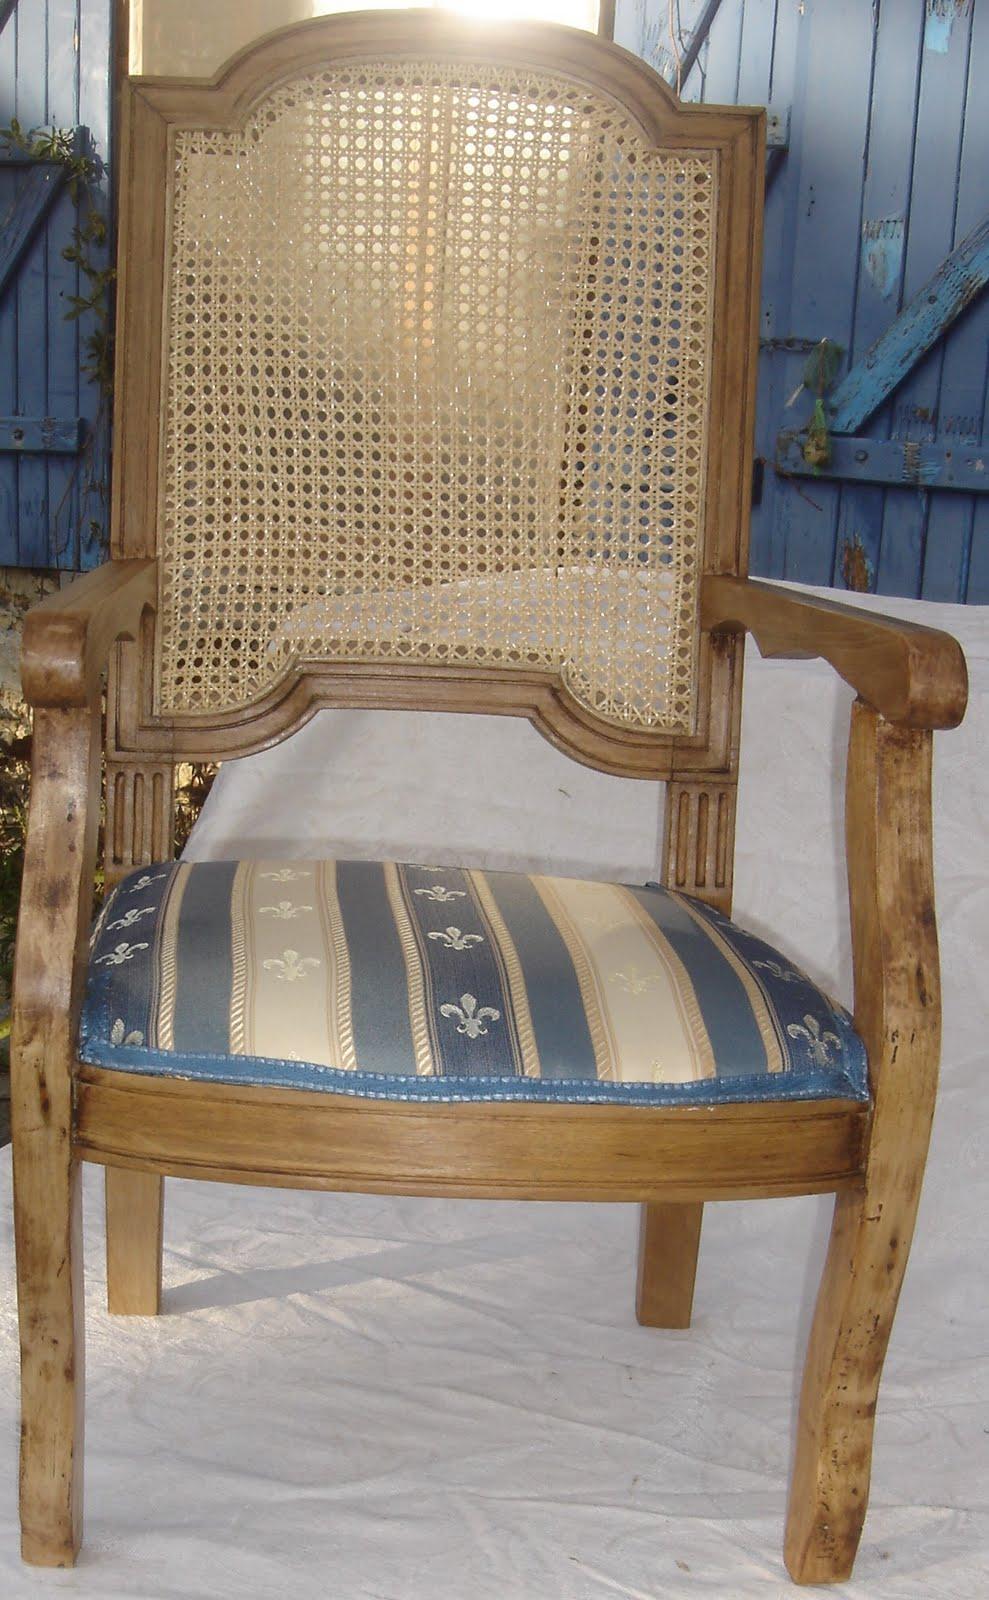 atelier du baron fauteuils enfant a vendre. Black Bedroom Furniture Sets. Home Design Ideas